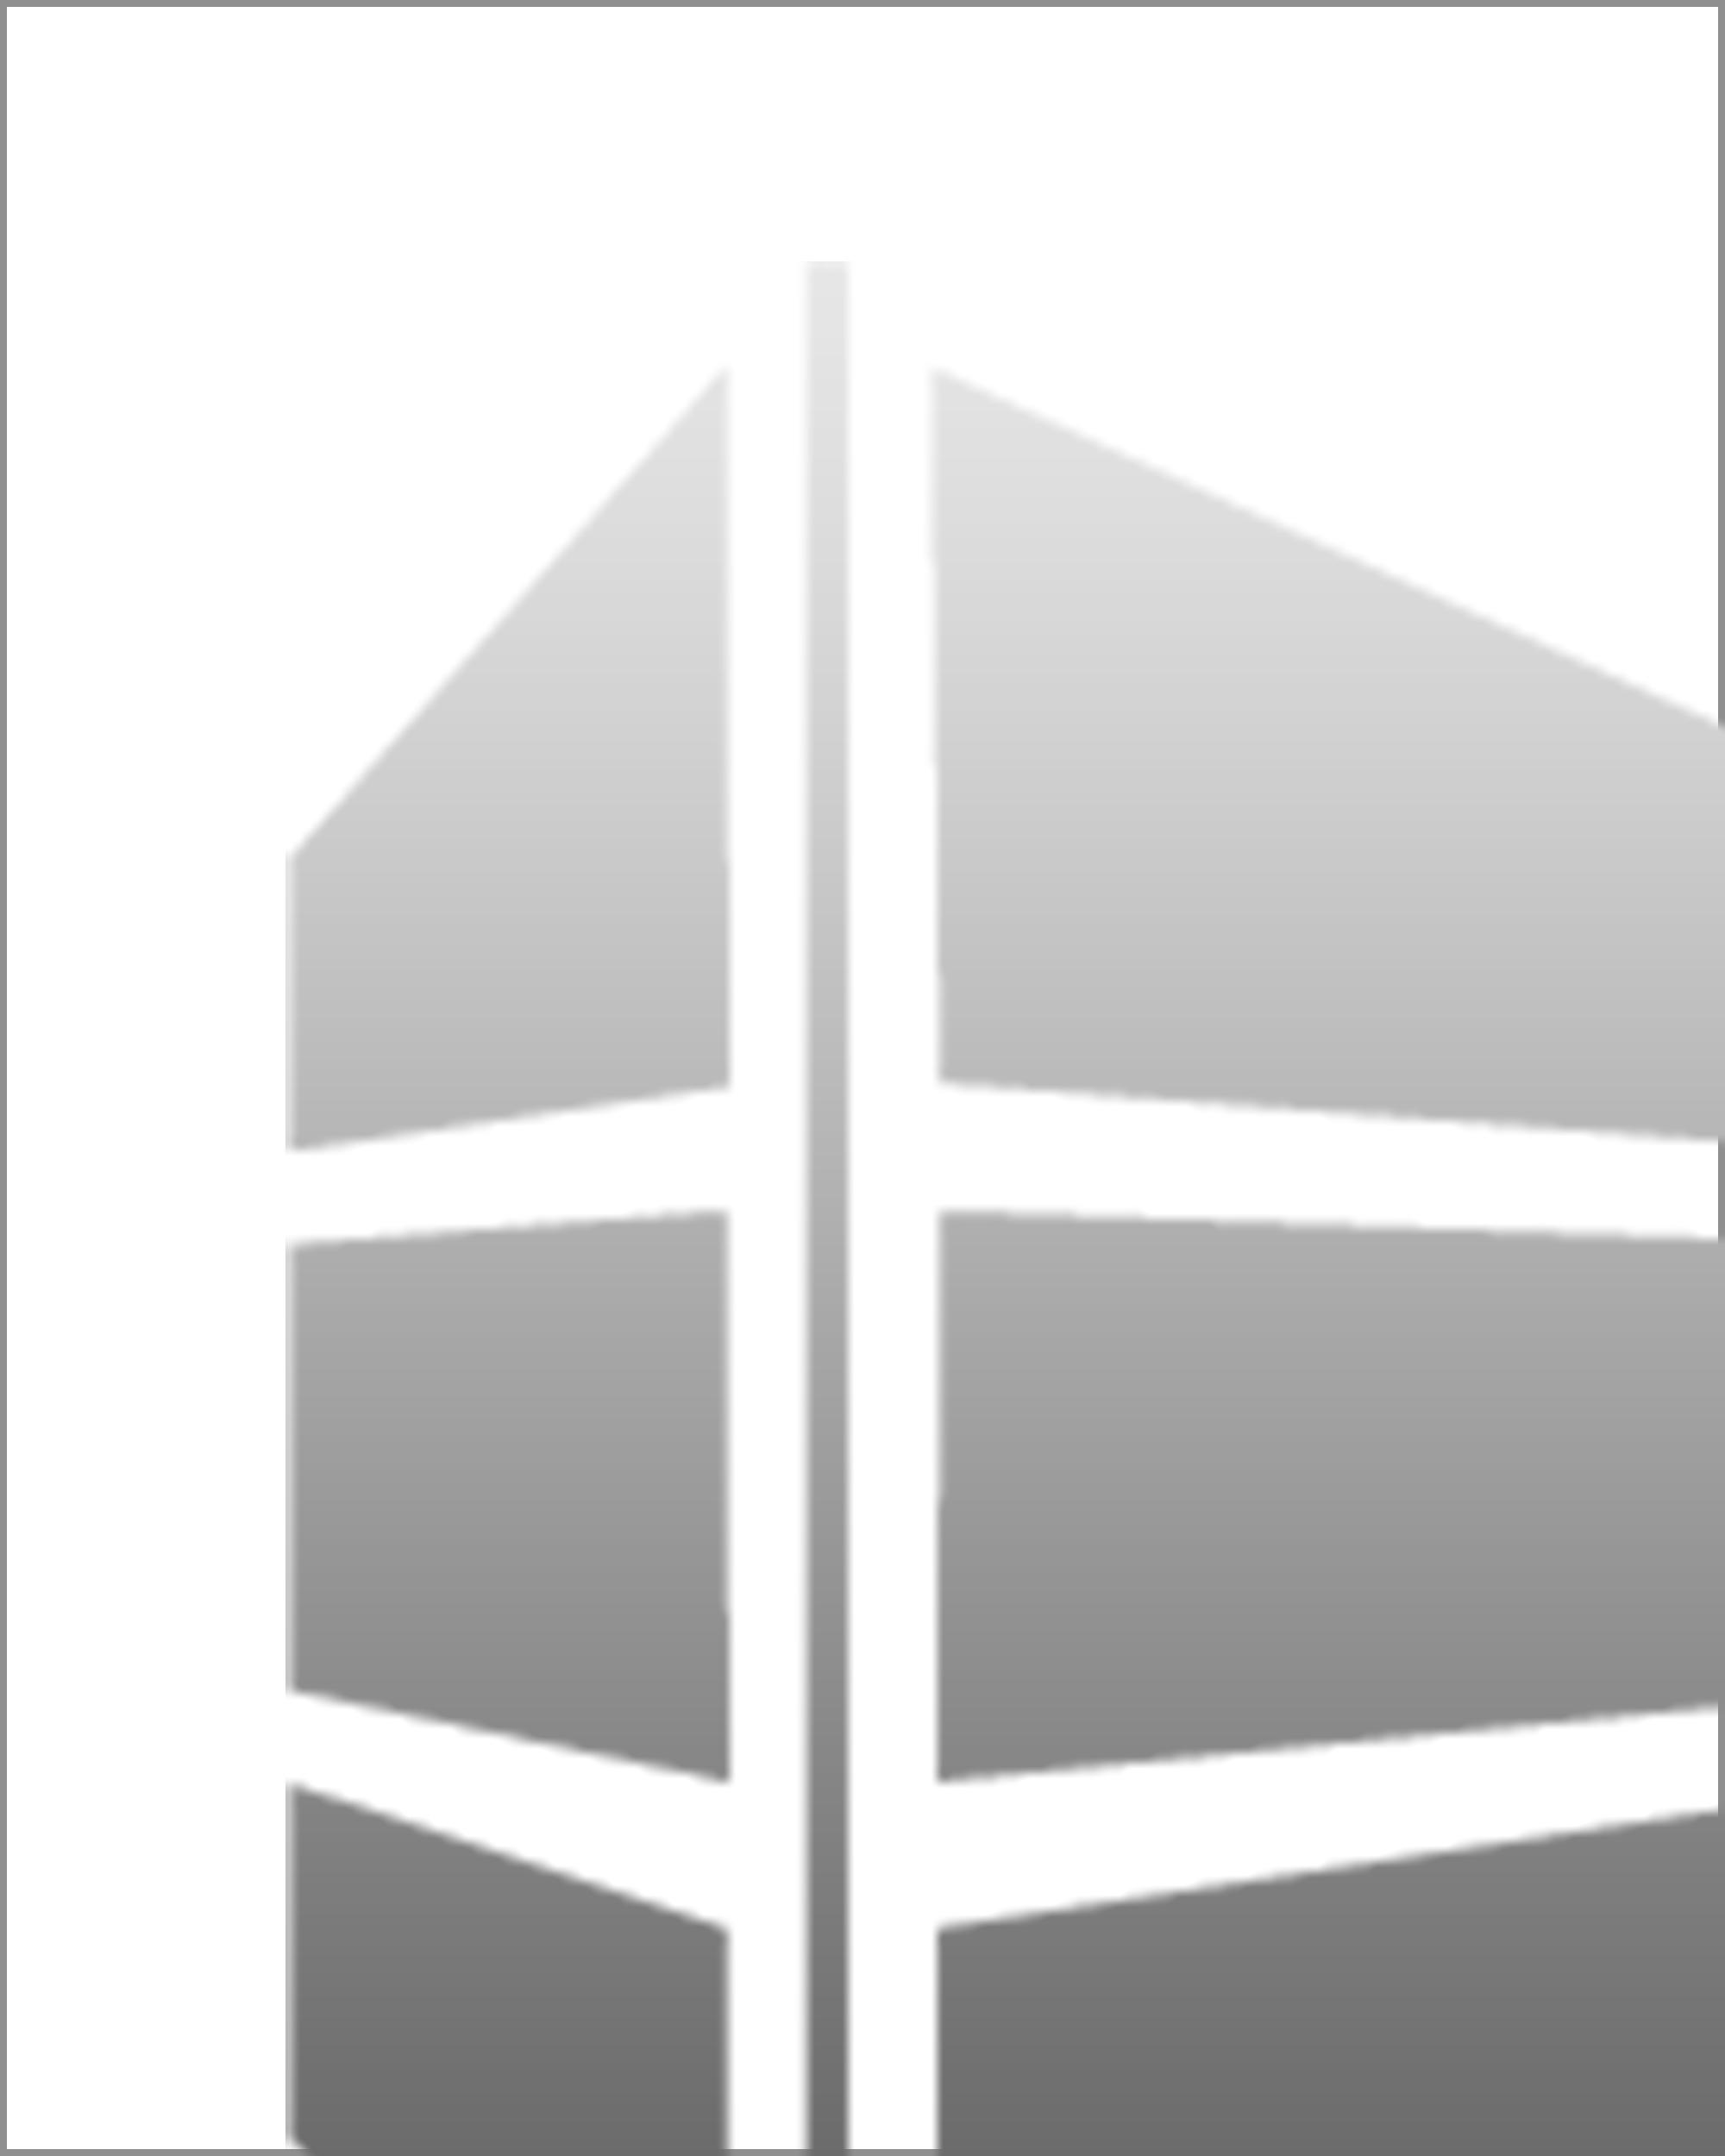 placeholder-bw.jpg